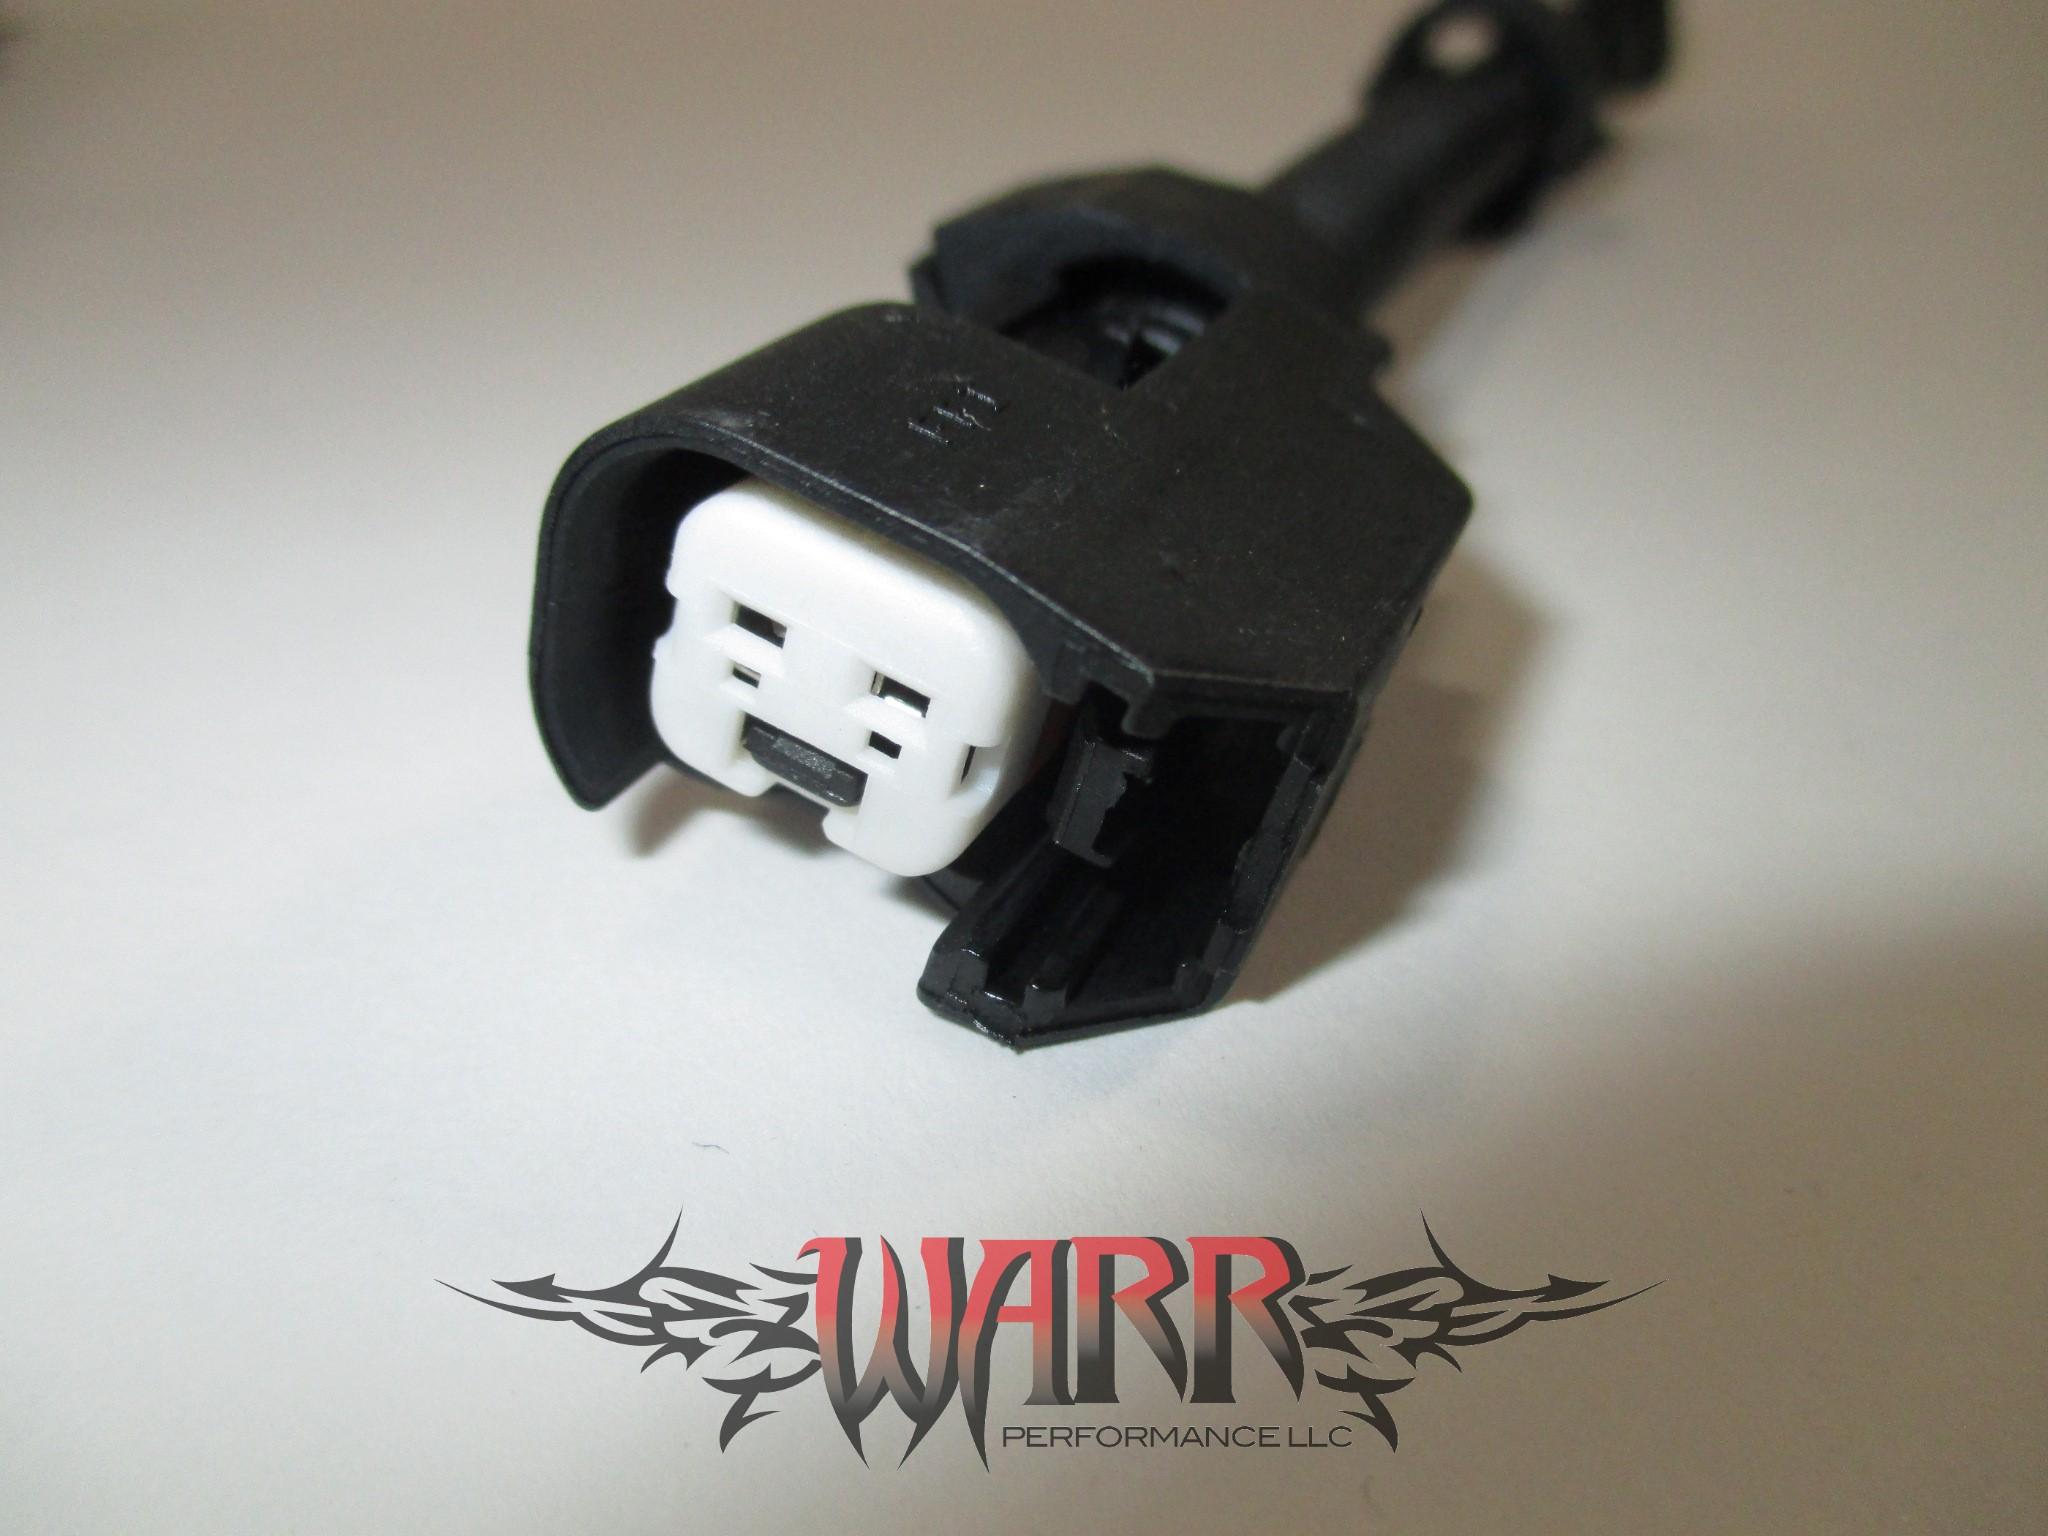 Multec Mini Delphi Wire Harness To Ls2 Ls3 Ls7 Ev6 Injector International Trucks Car Stereo Wiring Adapters